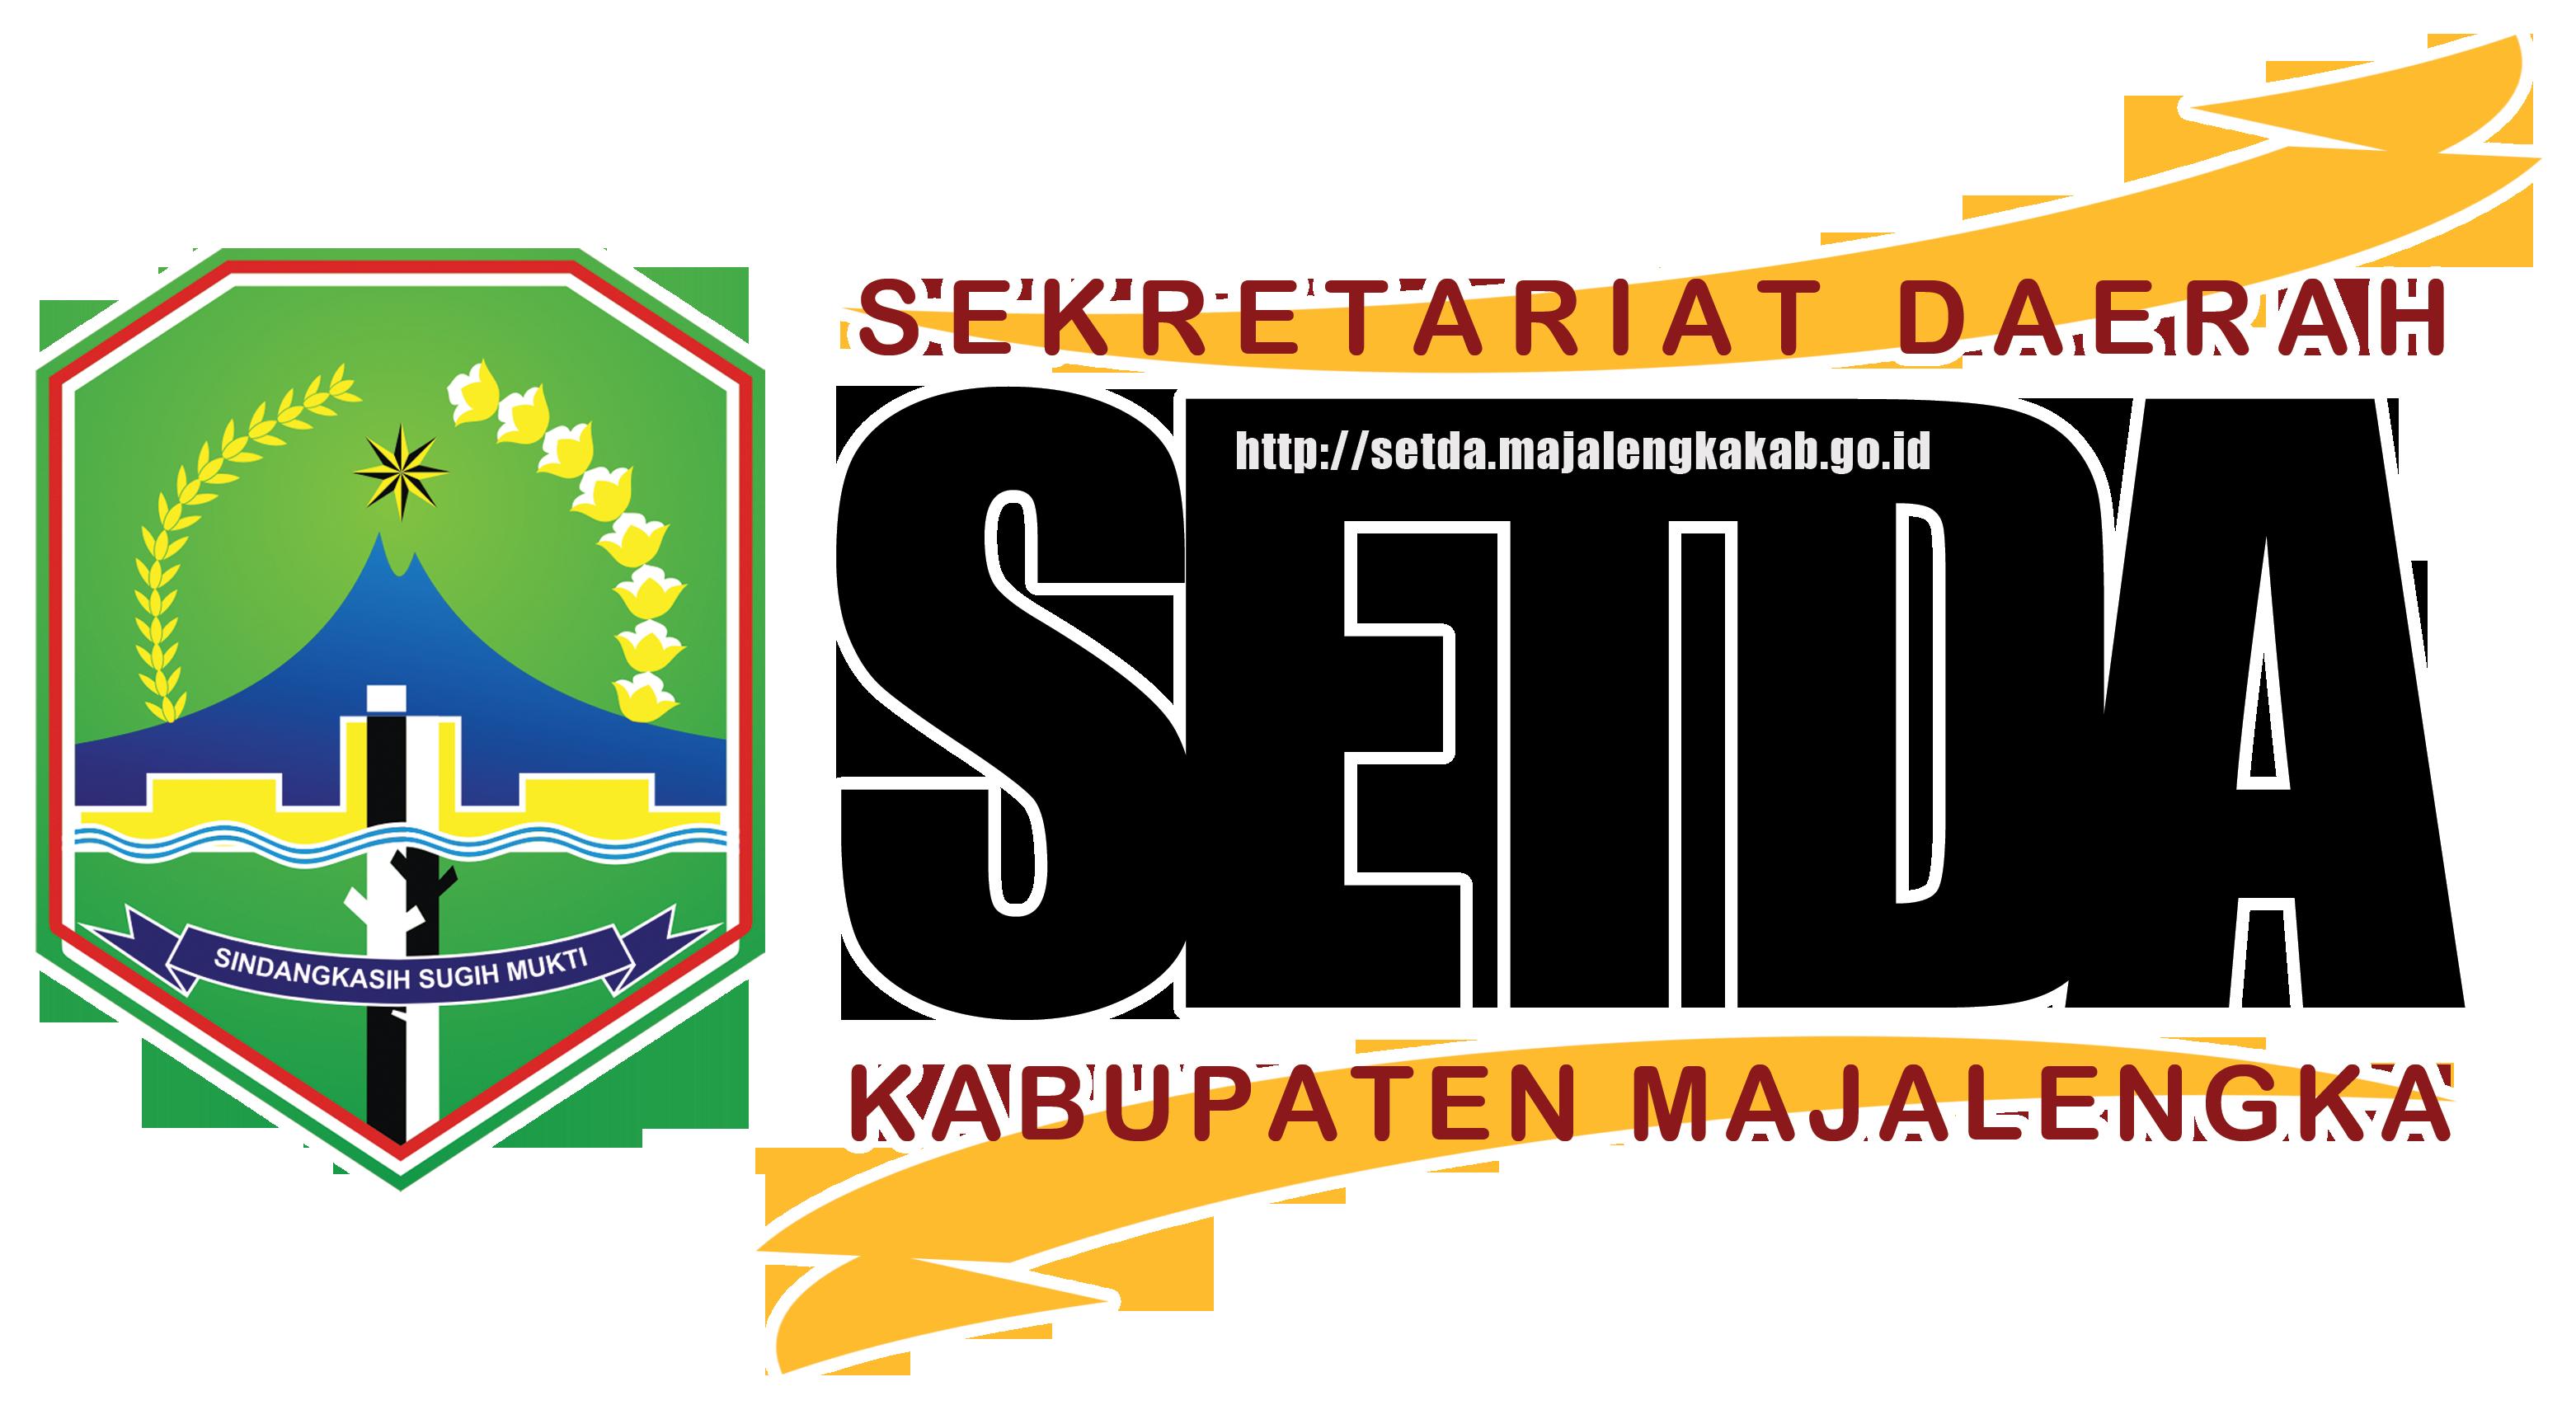 Sekretariat Daerah Kabupaten Majalengka